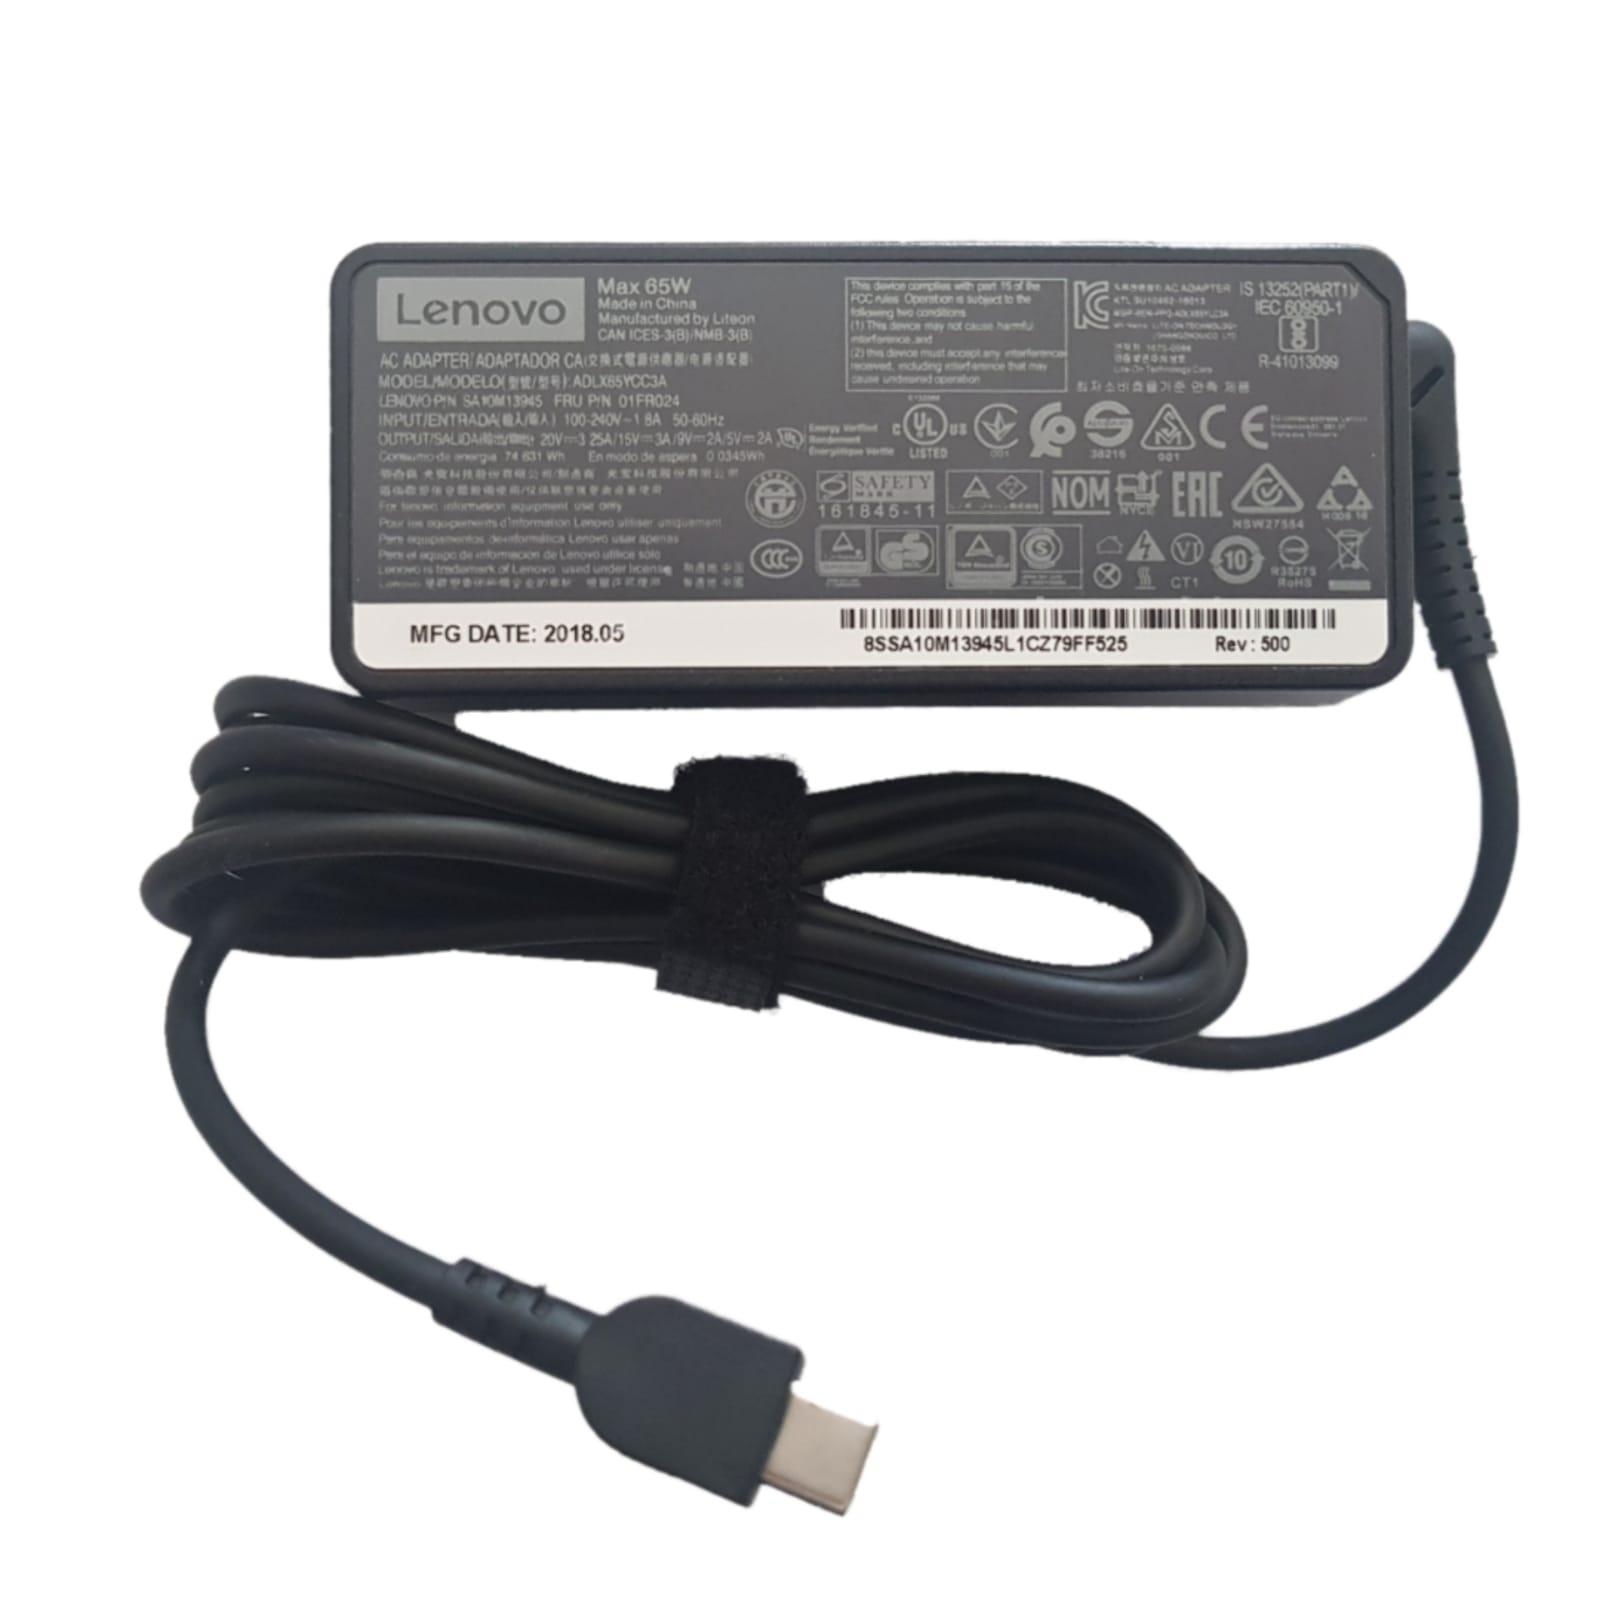 מטען למחשב לנובו Lenovo ThinkPad X1 Carbon 20HR 5TH GEN